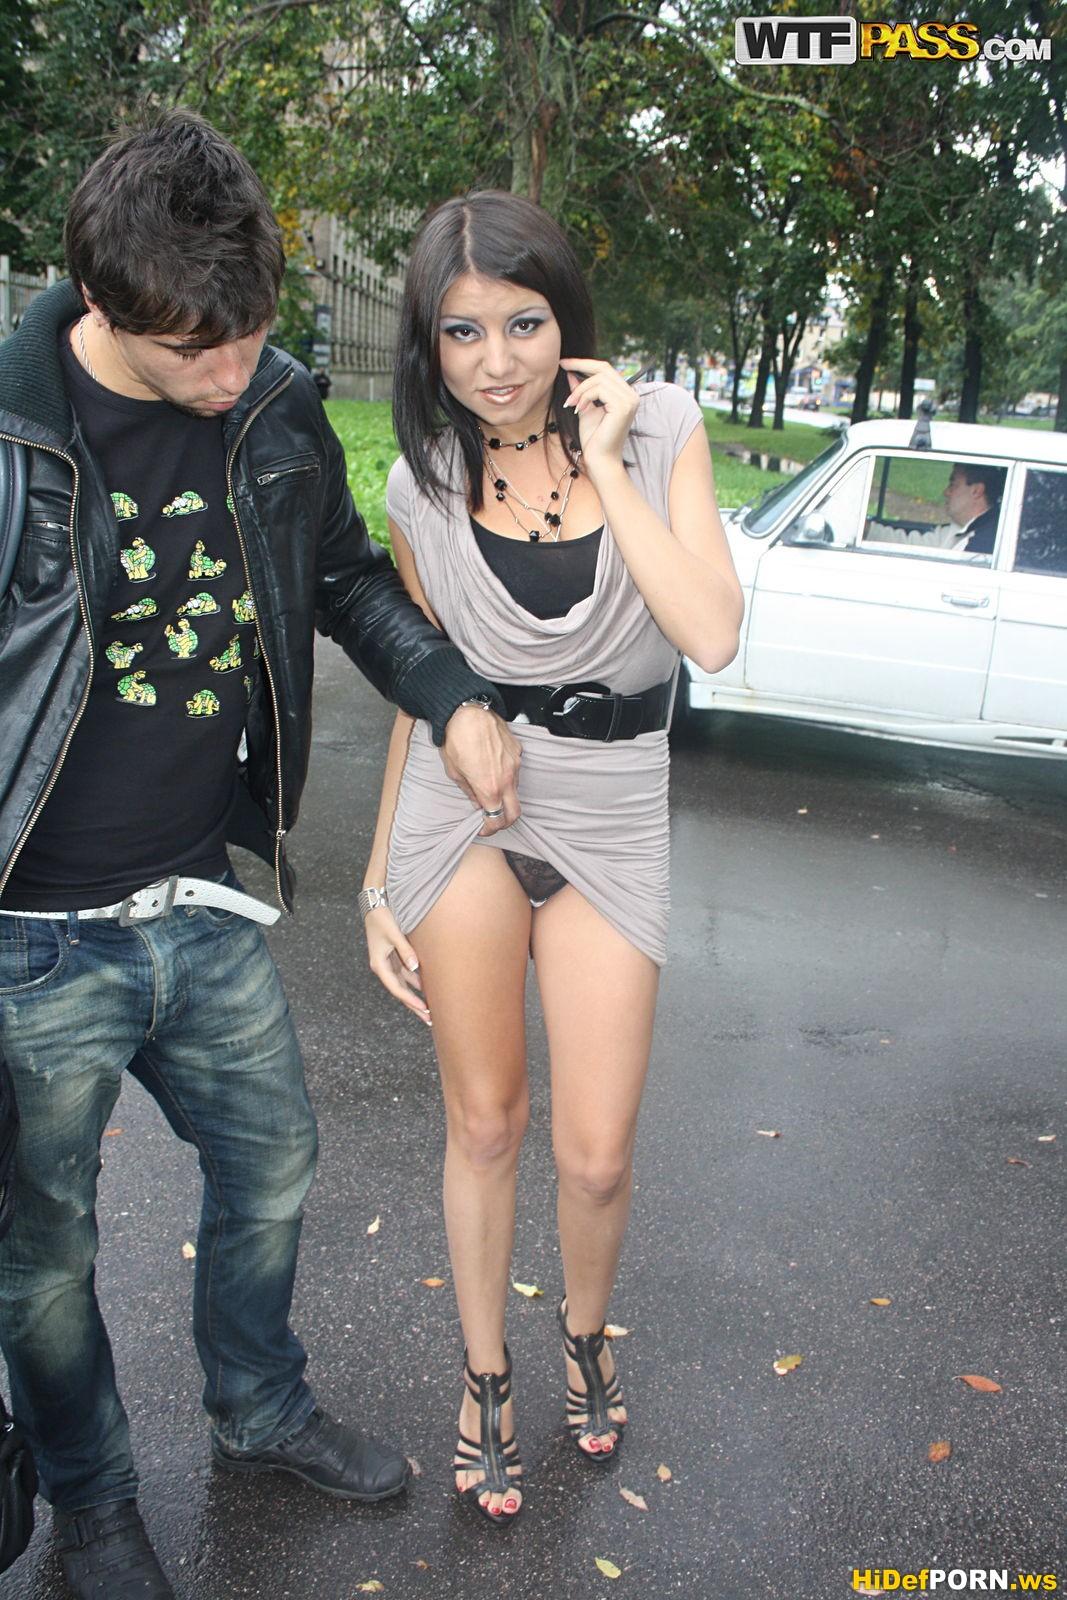 Русские девушки сняли парня на улице 5 фотография